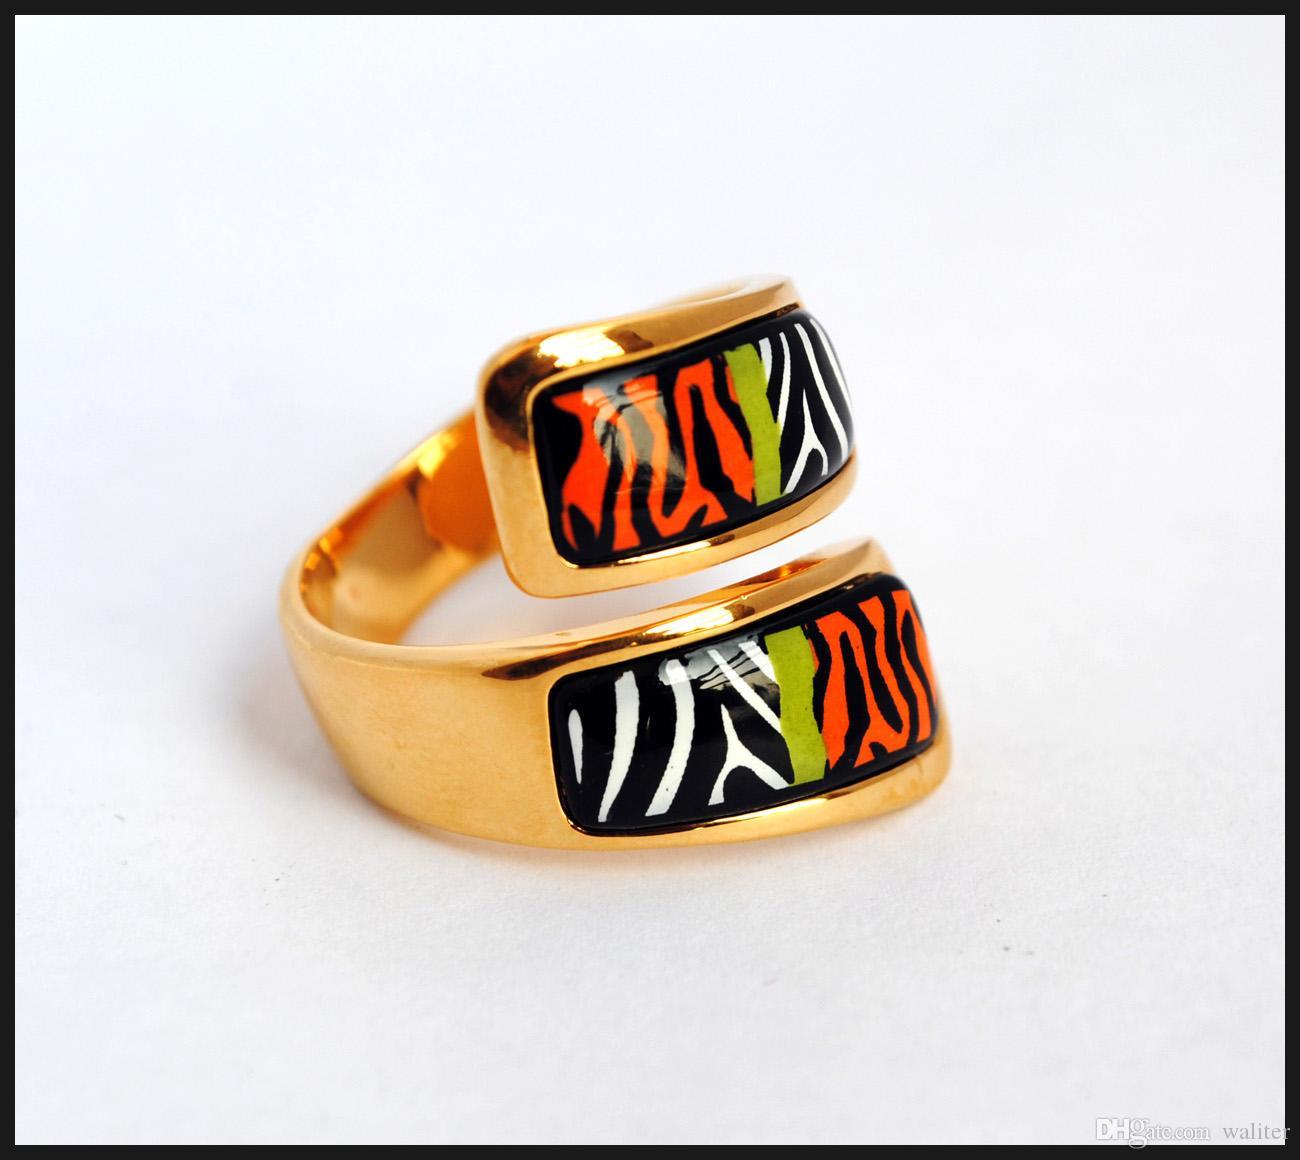 Wild Africa series 18K anillos de esmalte chapado en oro de calidad superior doble anillo curvado para mujeres anillos de banda para regalo